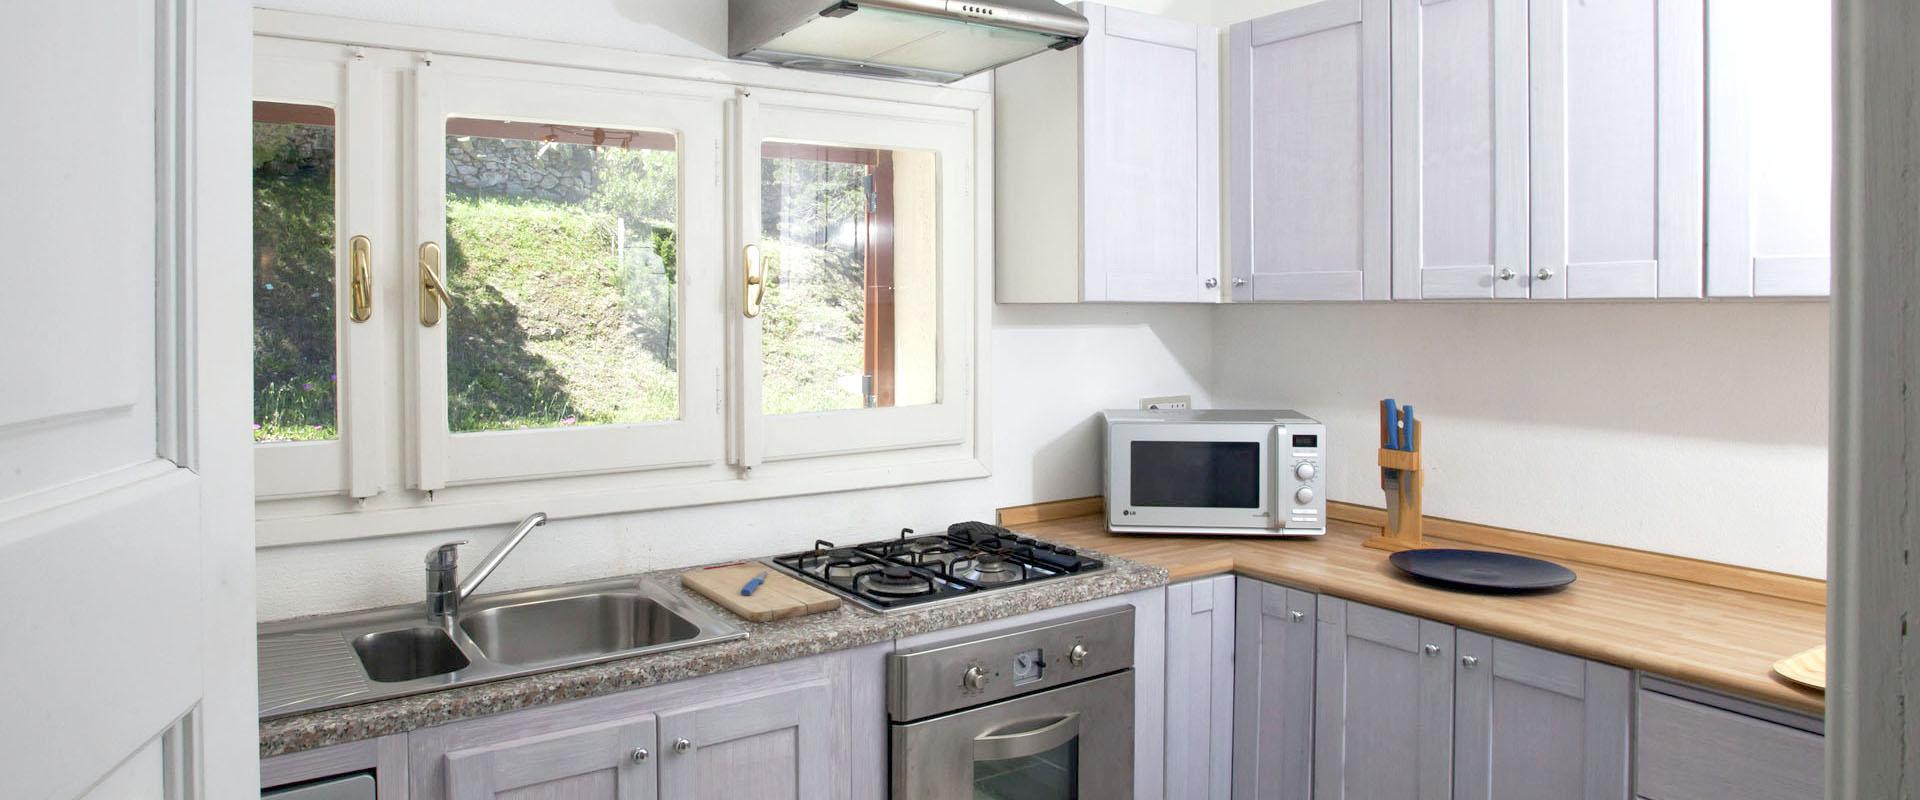 Affitta appartamenti con una camera a Porto Rotondo